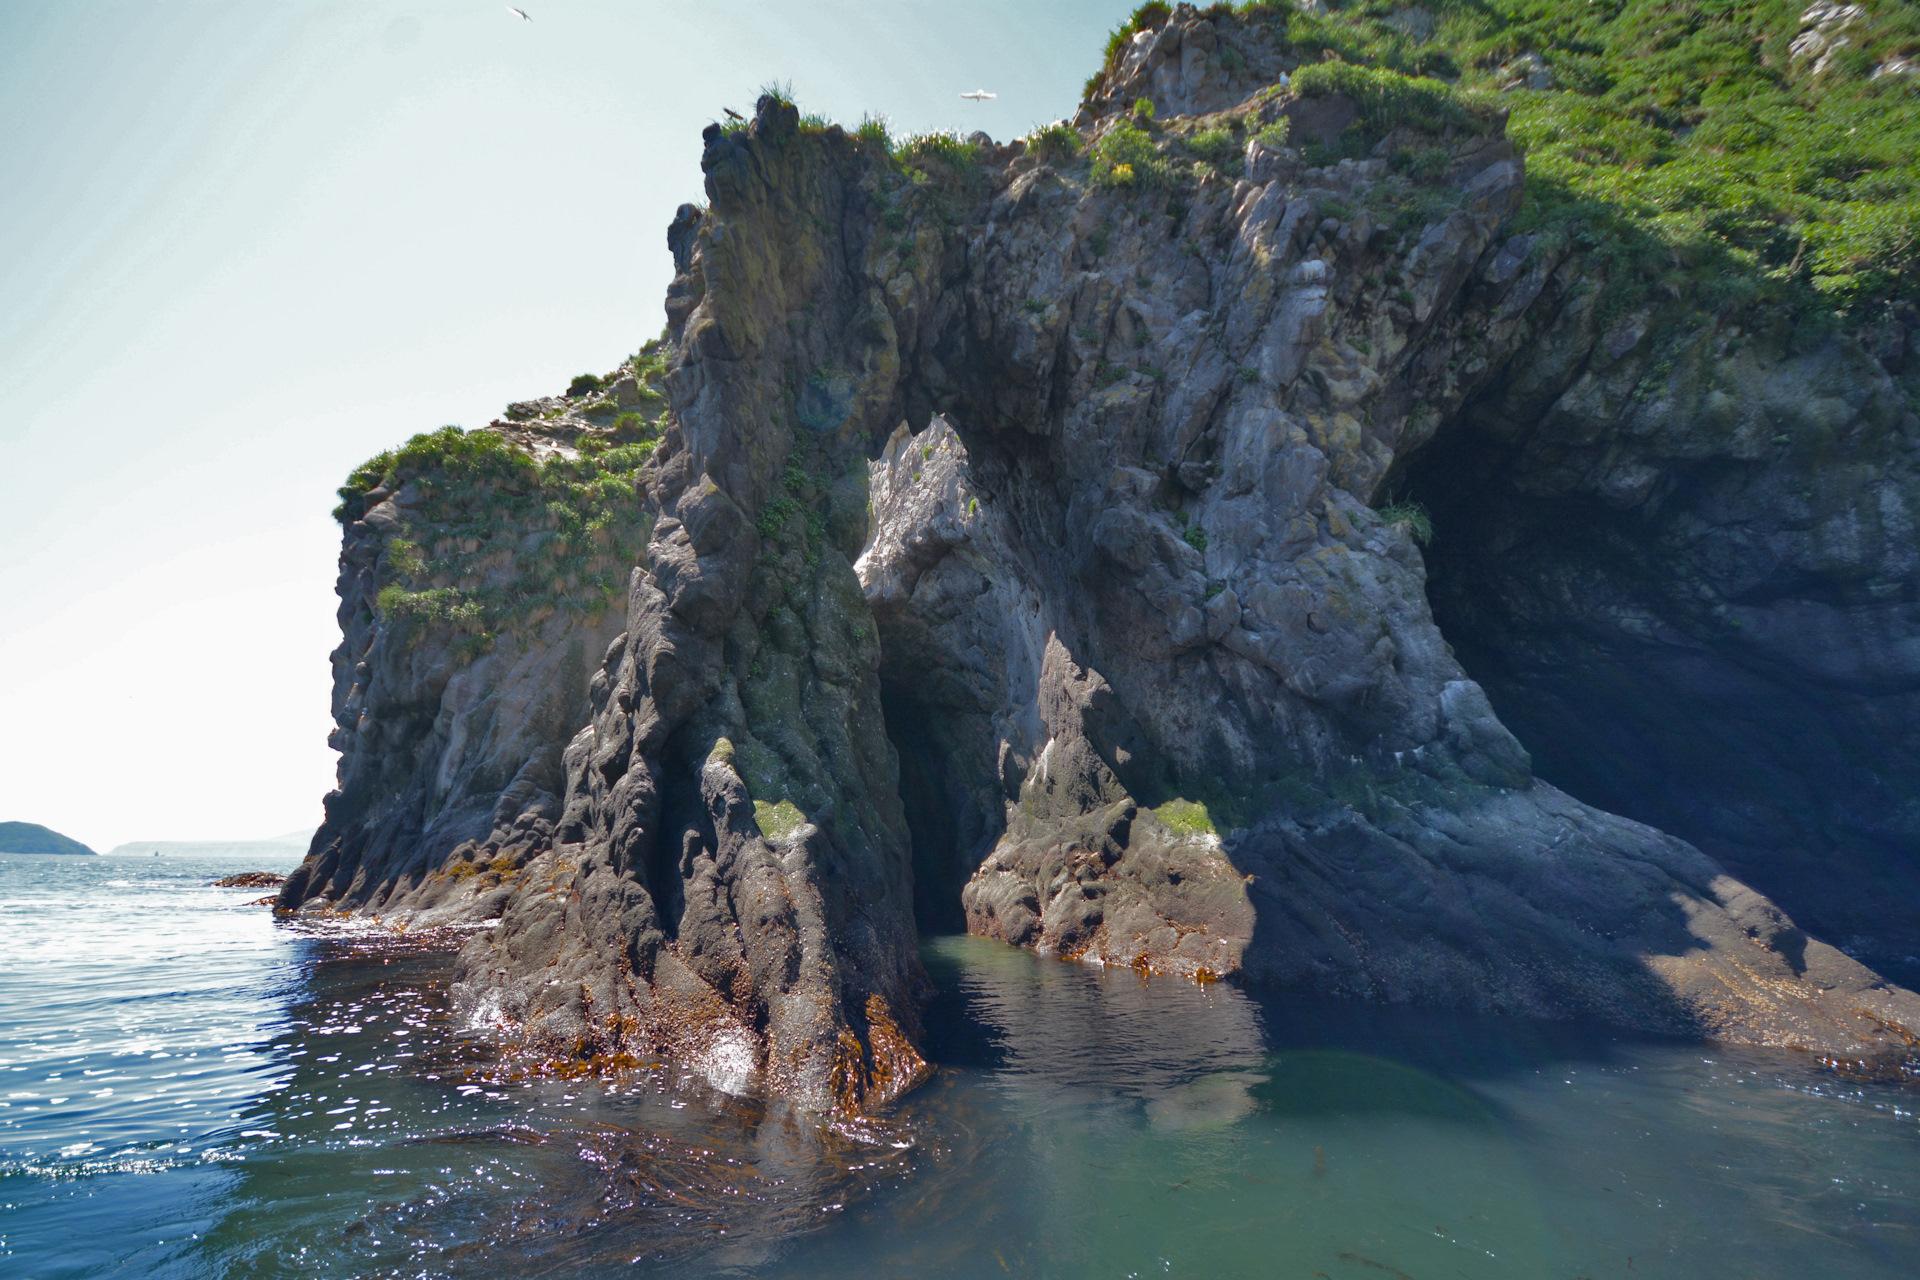 фото полет над скалами камчатки предложим несколько